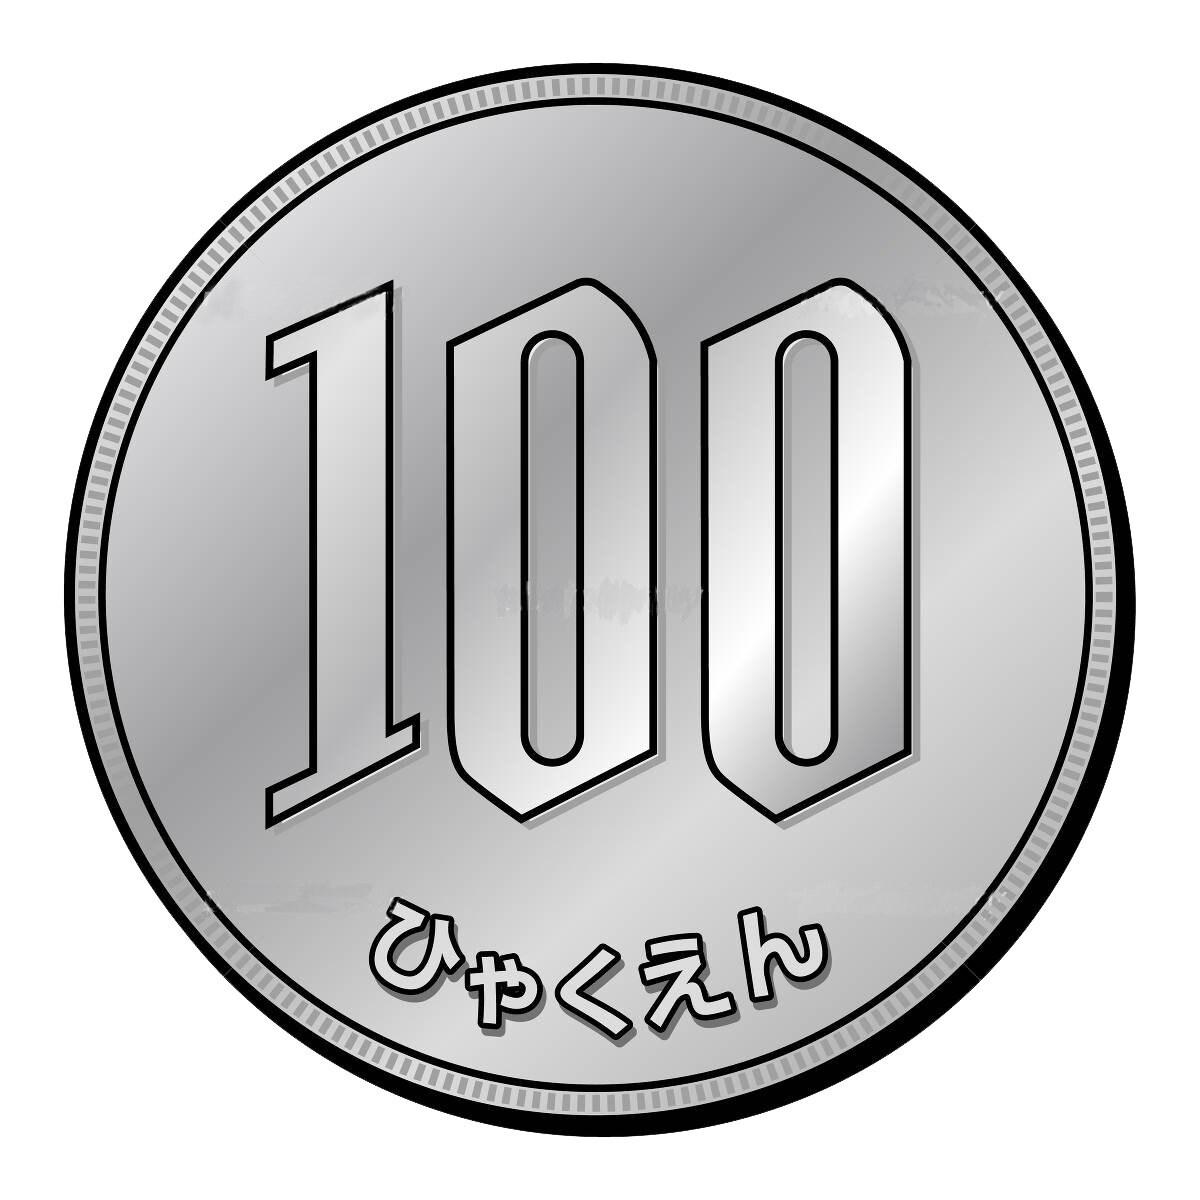 【¥100】いわい家具&wood-style cafe 店頭で使えるチケットのイメージその2